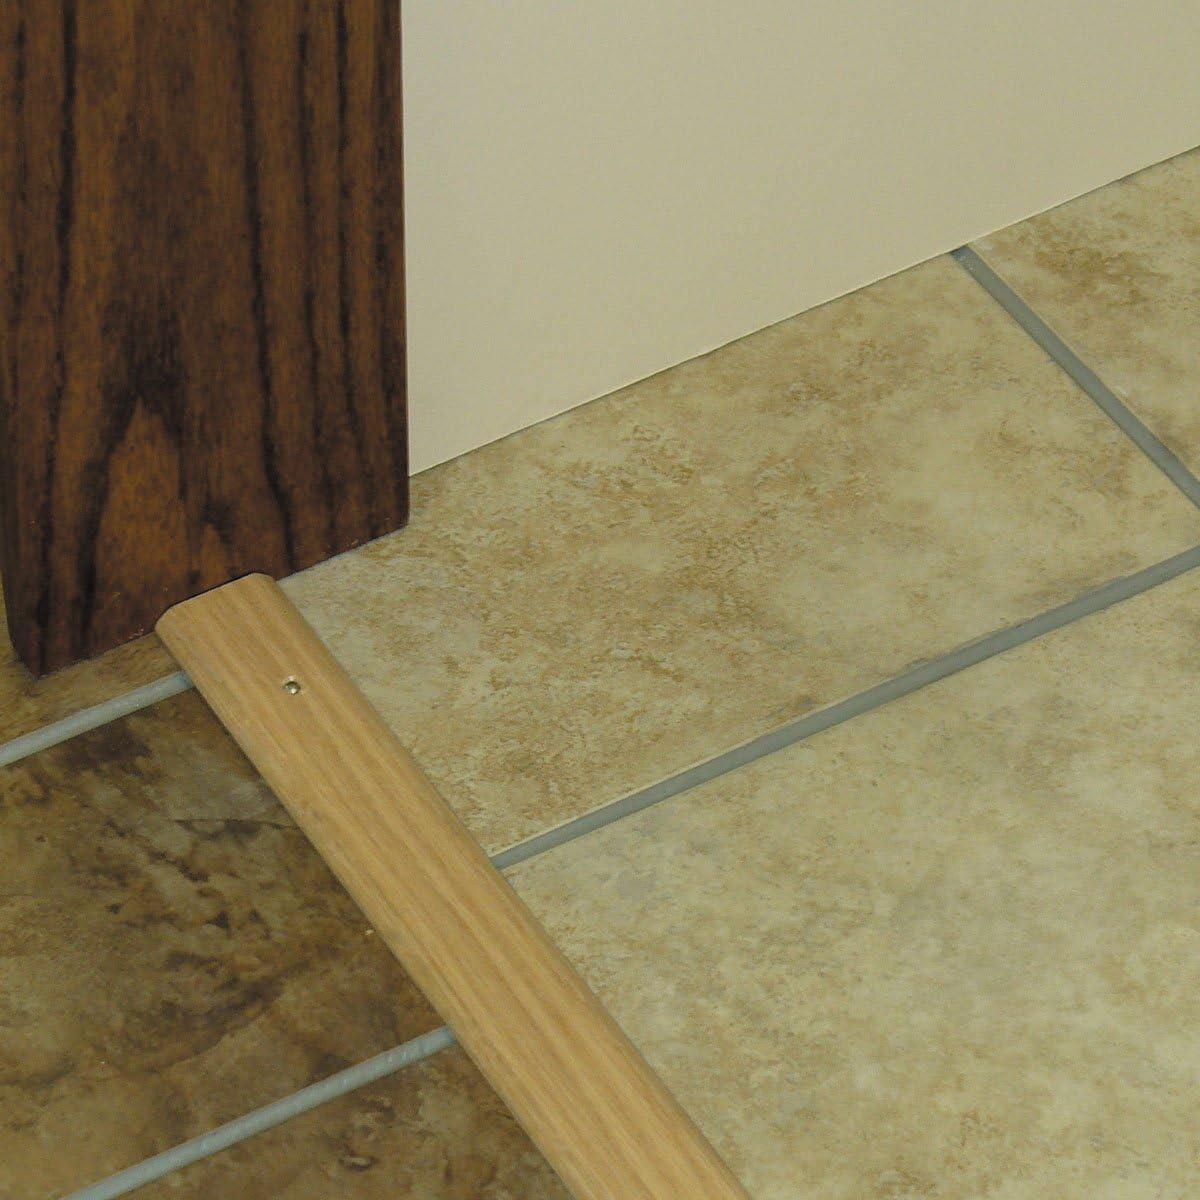 1-3//4 in W X 36 in L X 5//16 in H x 1-3//4 W x M-D Building Products 11882 M-D Flat Door Threshold Natural Tan//Oak